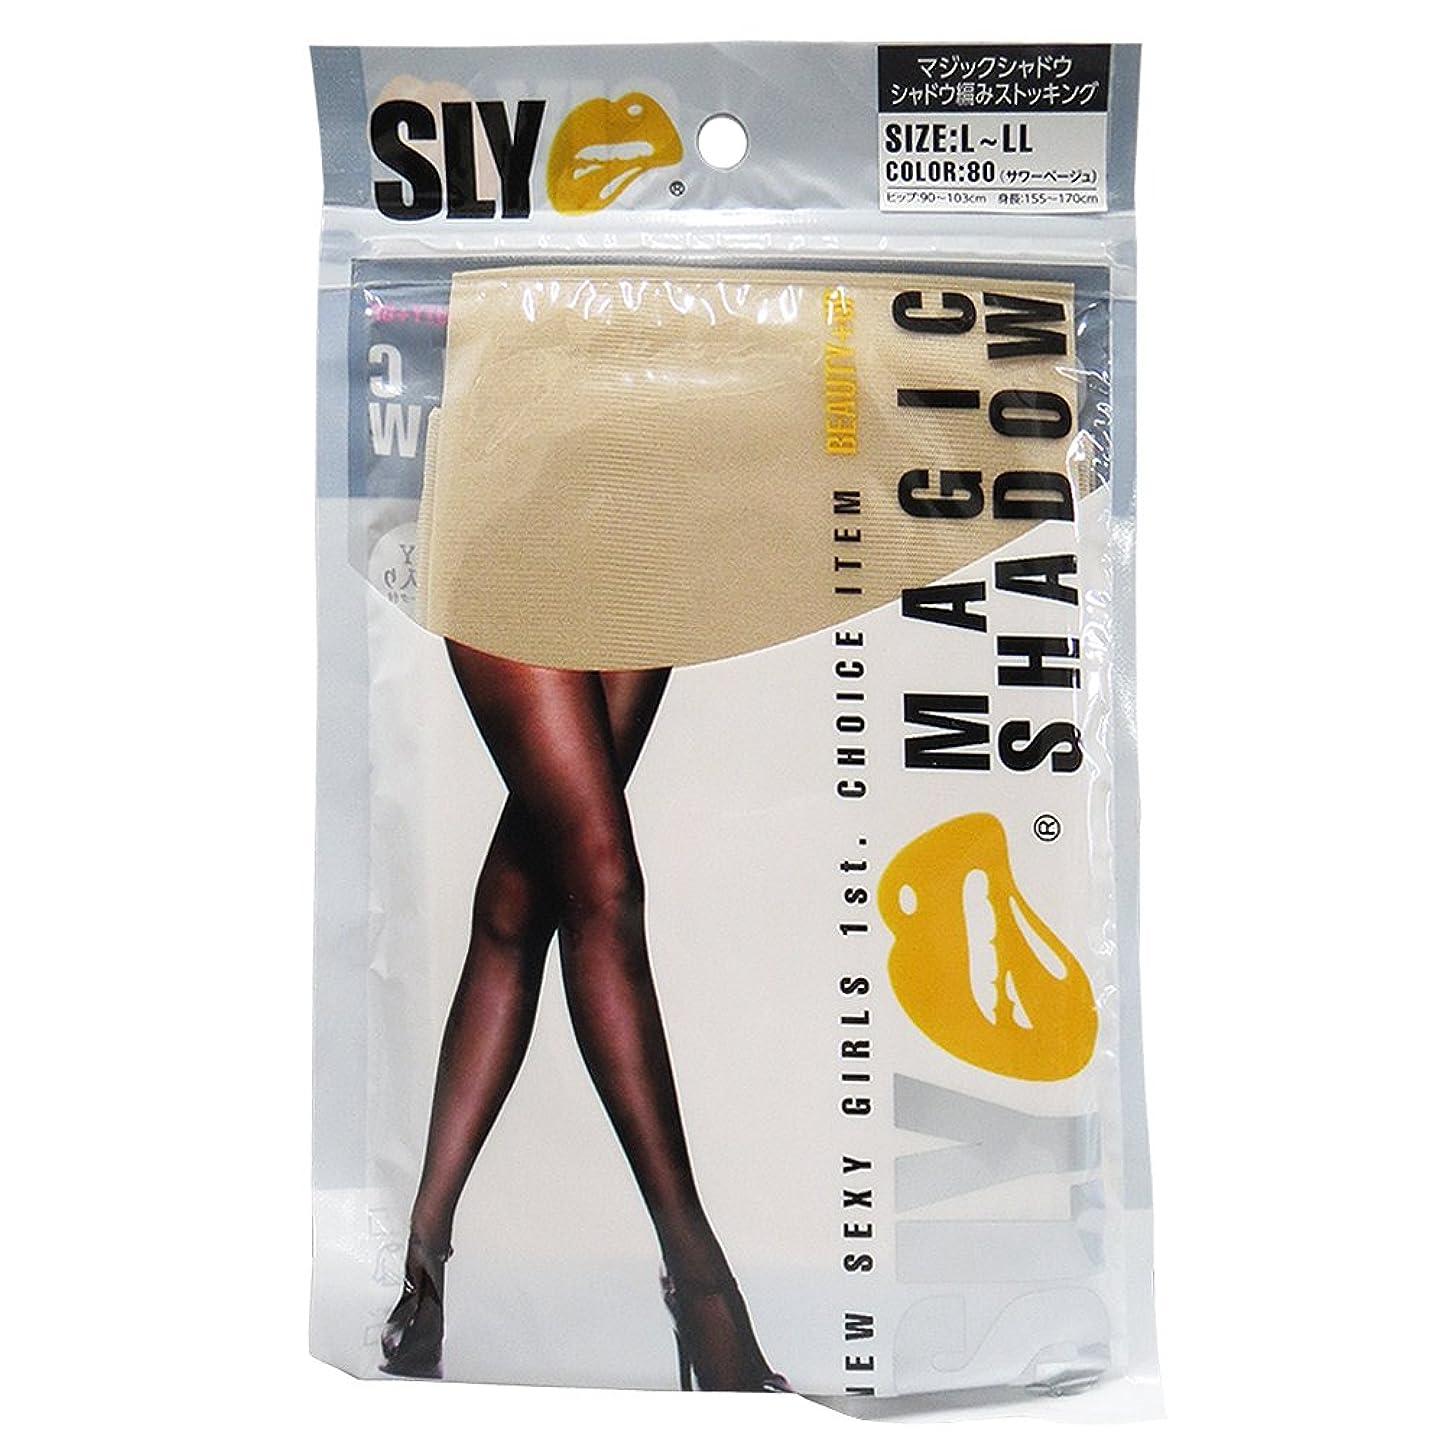 討論グレートバリアリーフガイドライン砂山靴下 SLYマジックシャドウ シャドウ編みストッキング サワーベージュ(80)L-LL